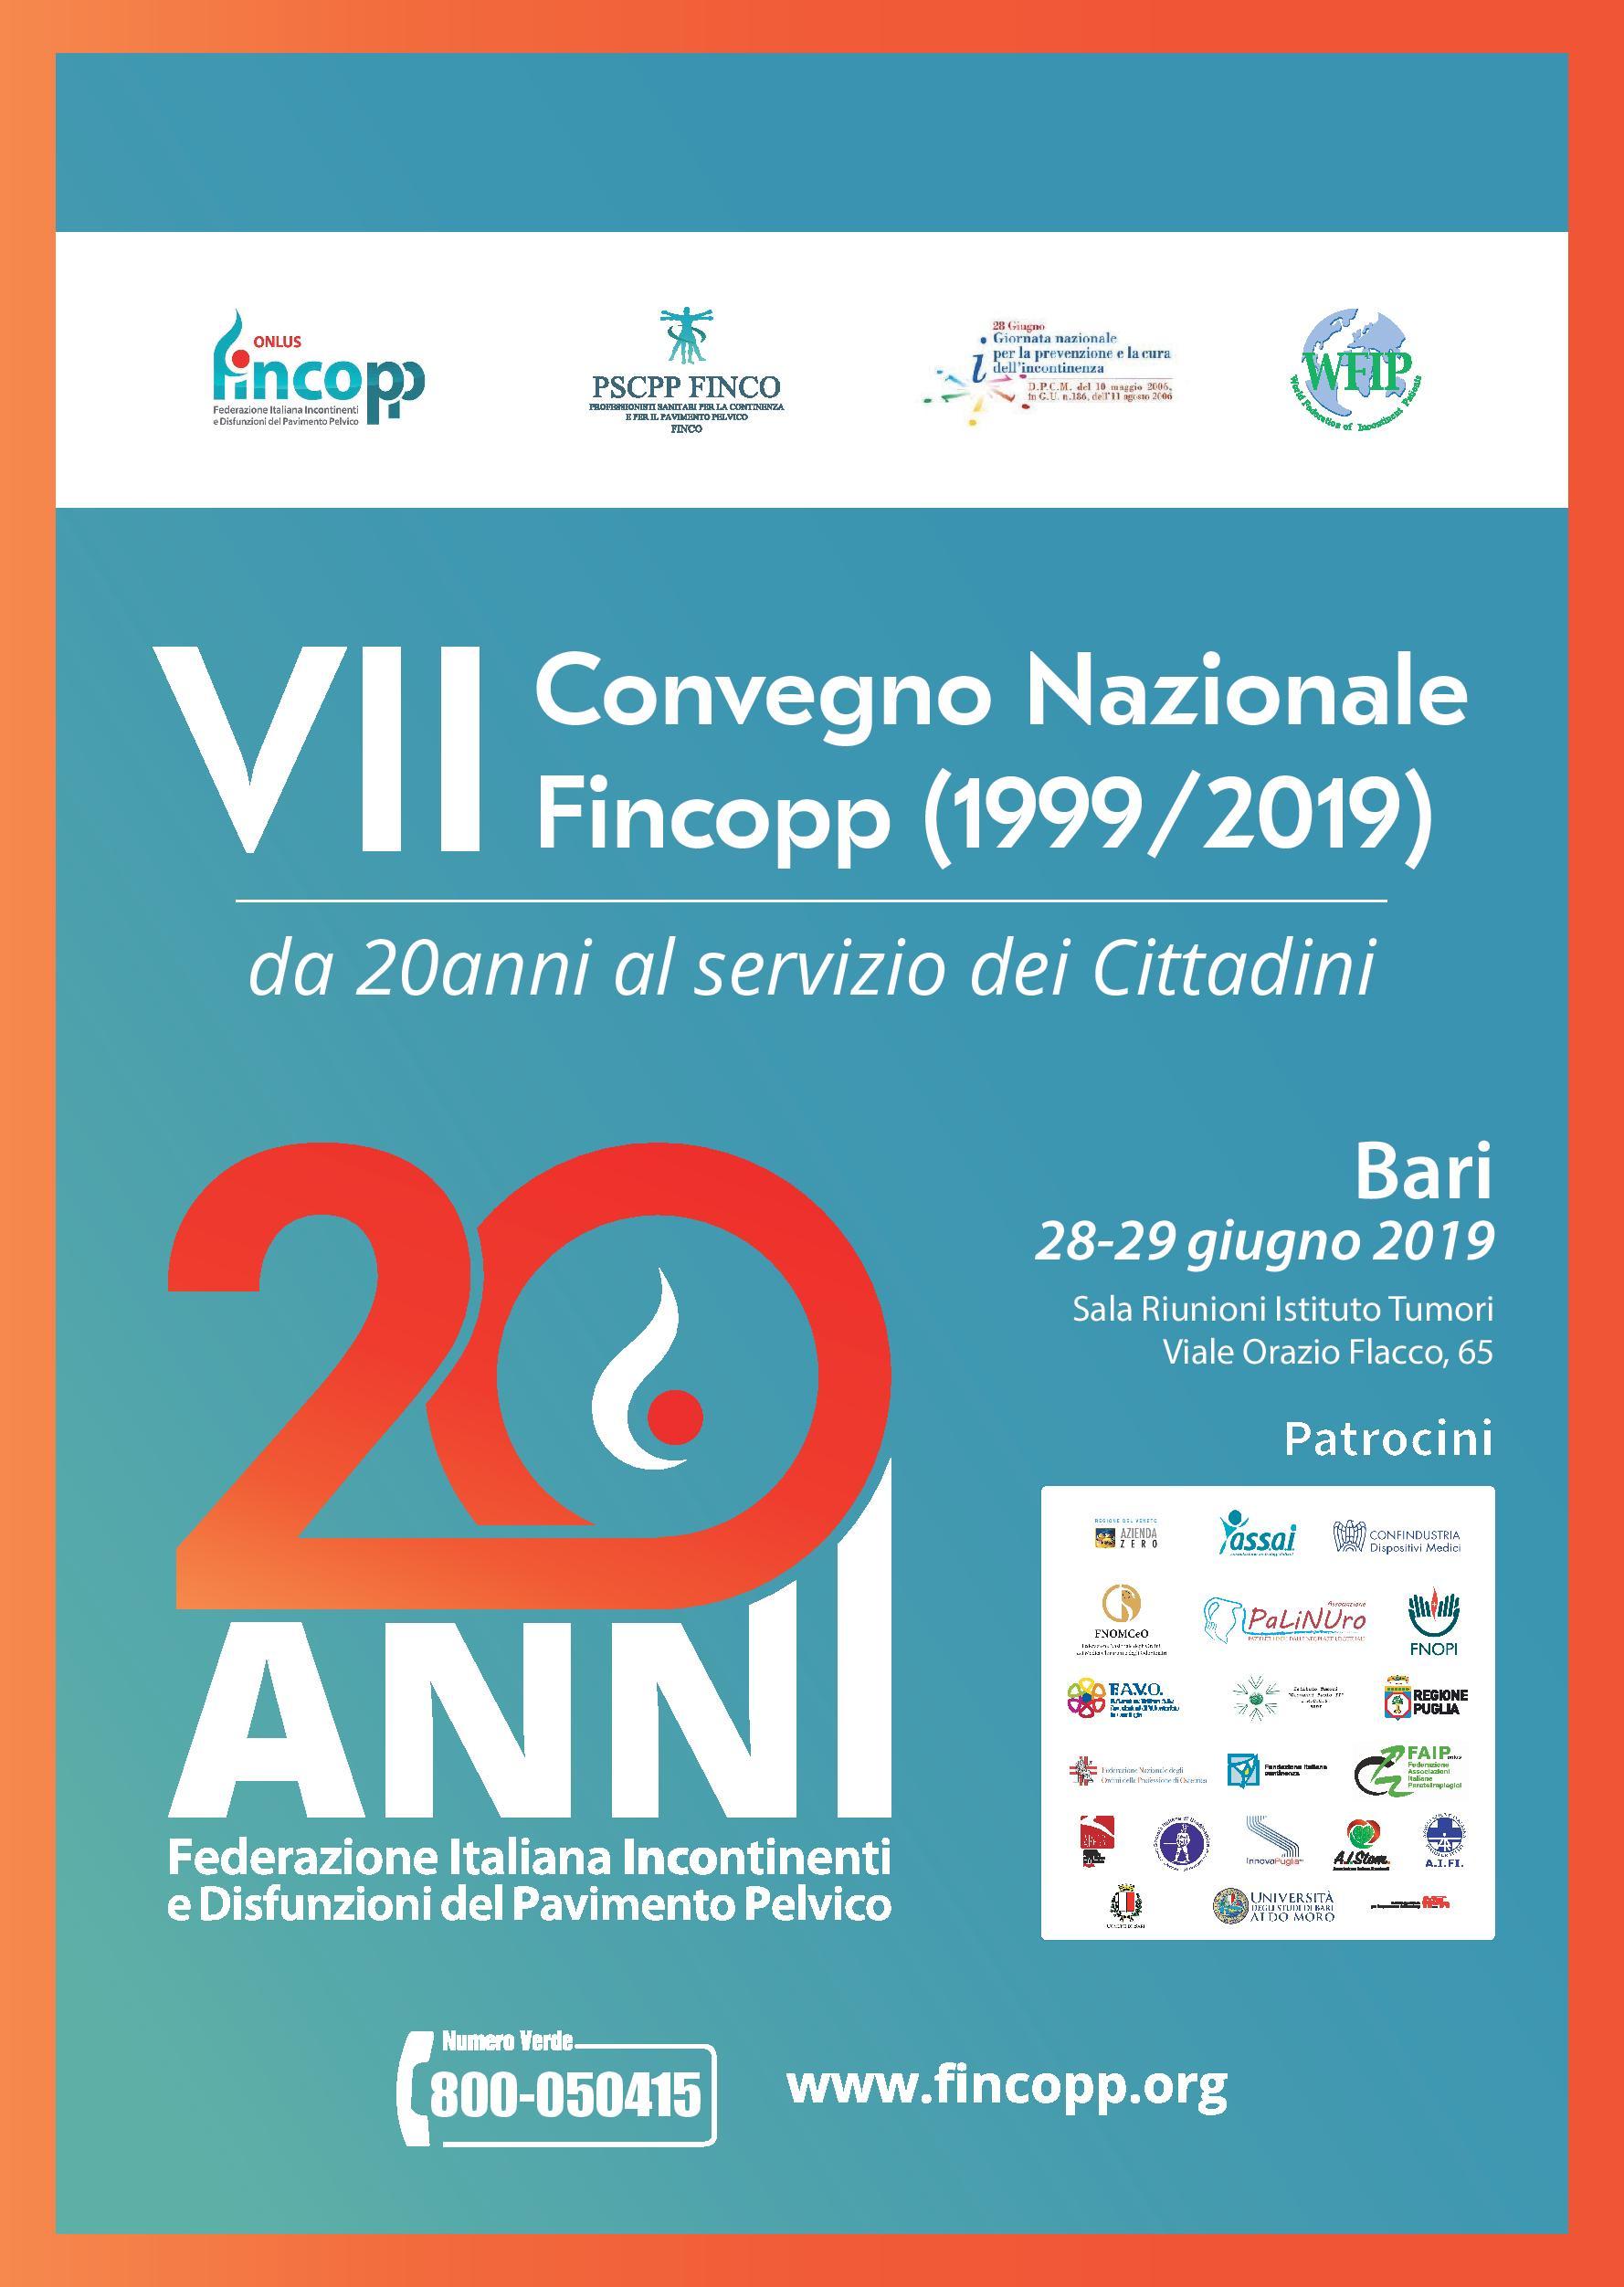 Fincopp compie 20 anni! Un convegno per fare il punto e impostare i prossimi 20.